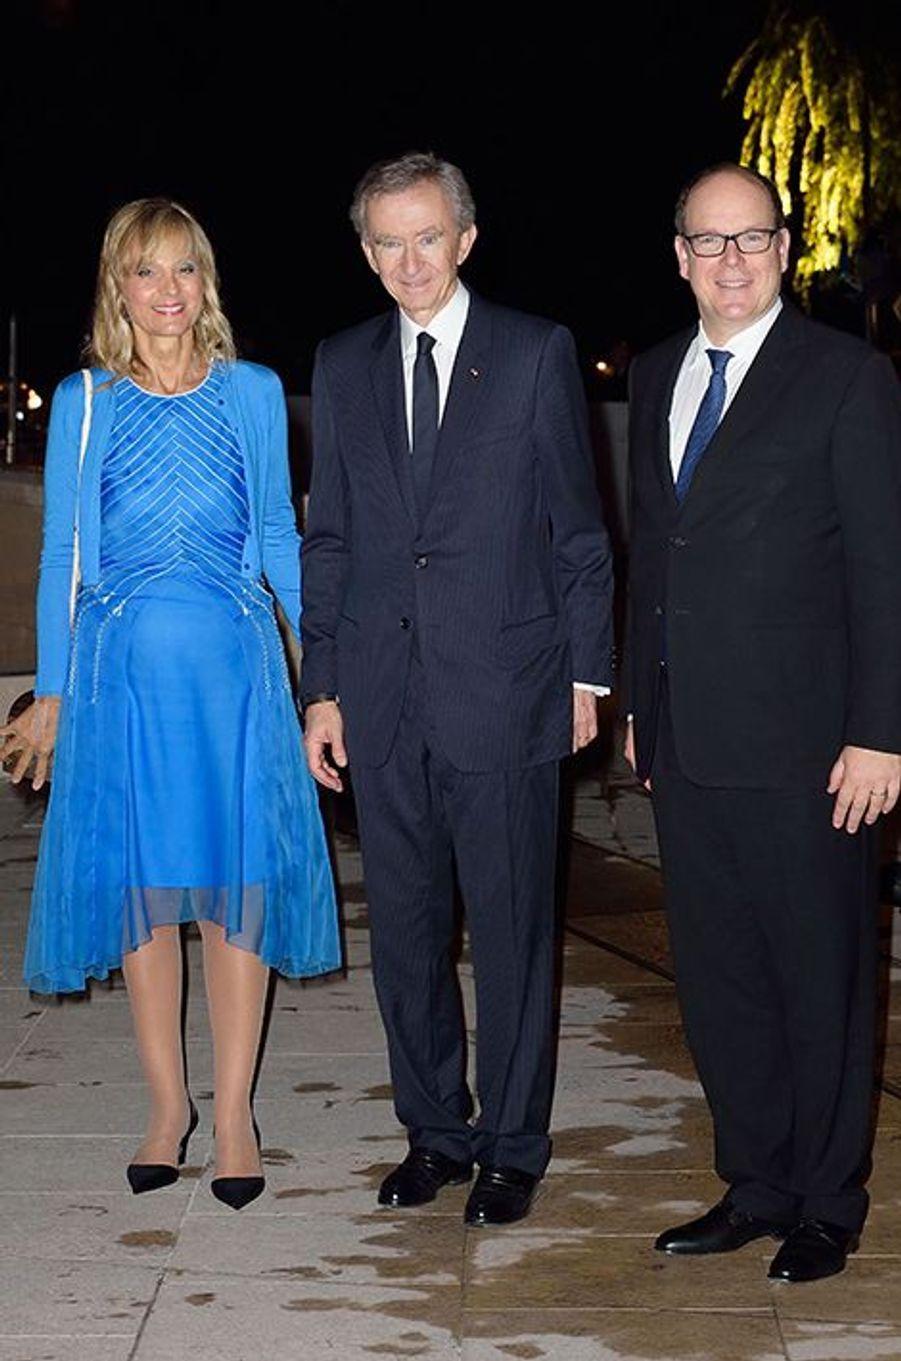 Bernard Arnault et son épouse, Hélène Mercier-Arnault, en compagnie du Prince Albert II de Monaco, à l'inauguration de la Fondation Louis Vuitto...